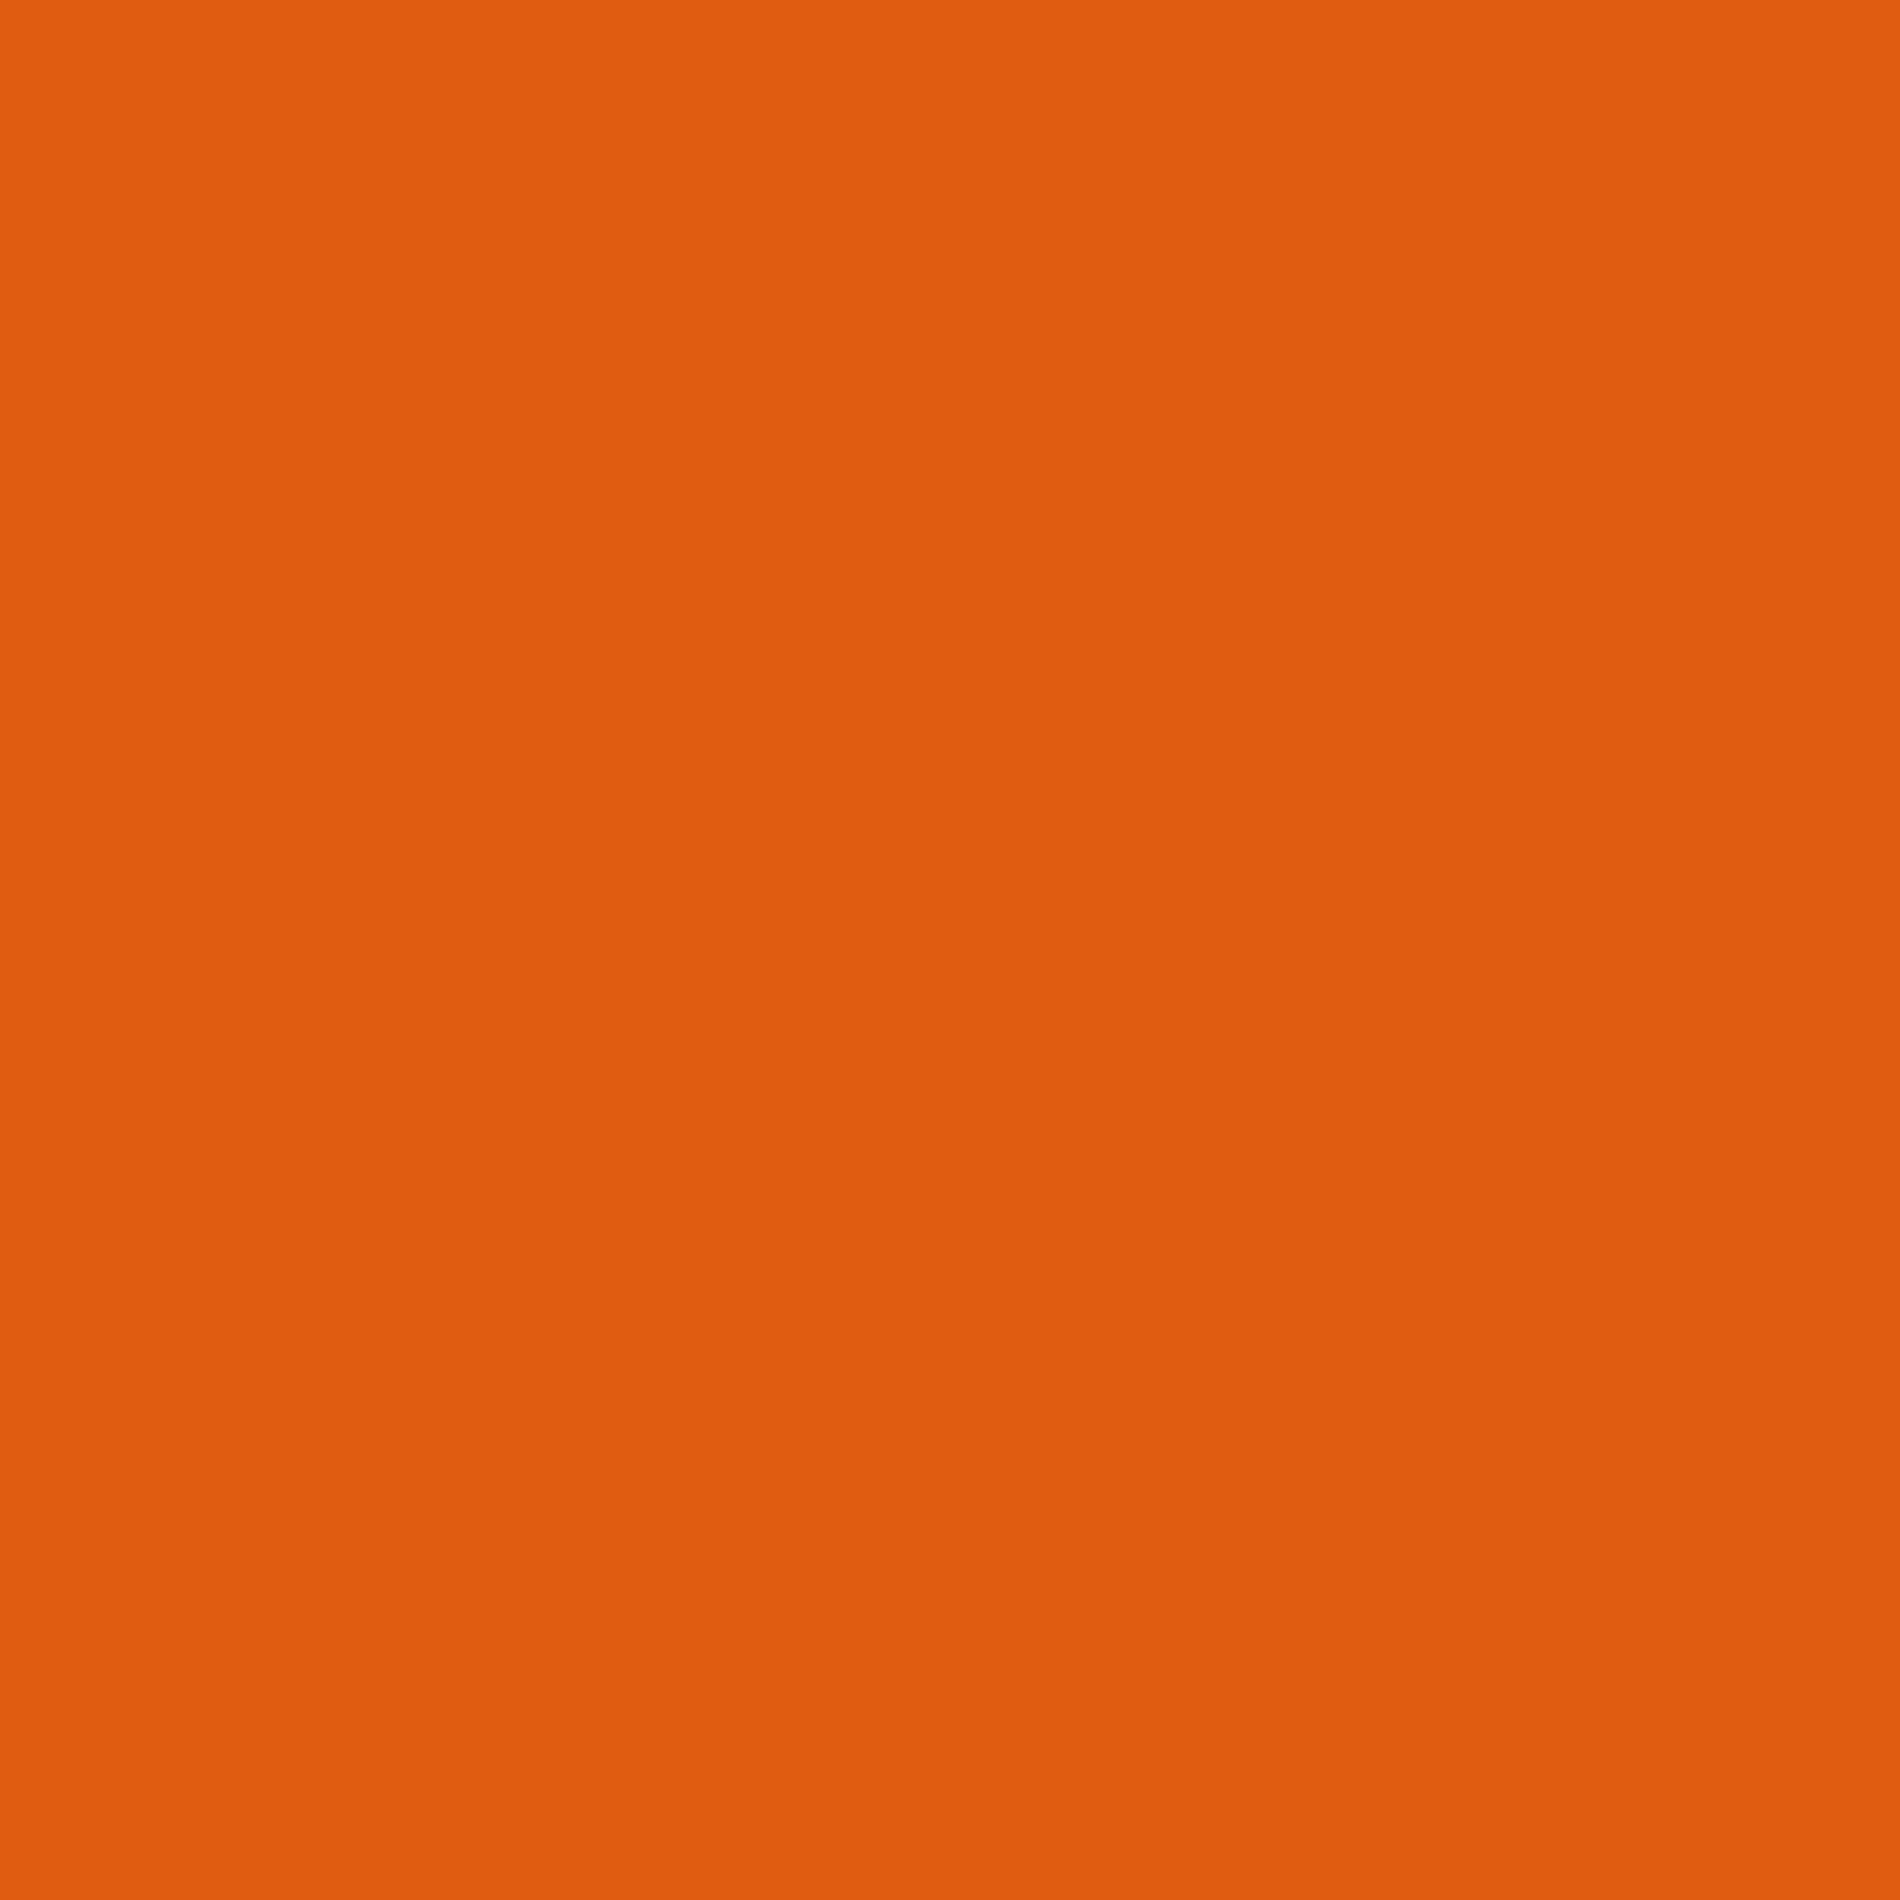 orange 56